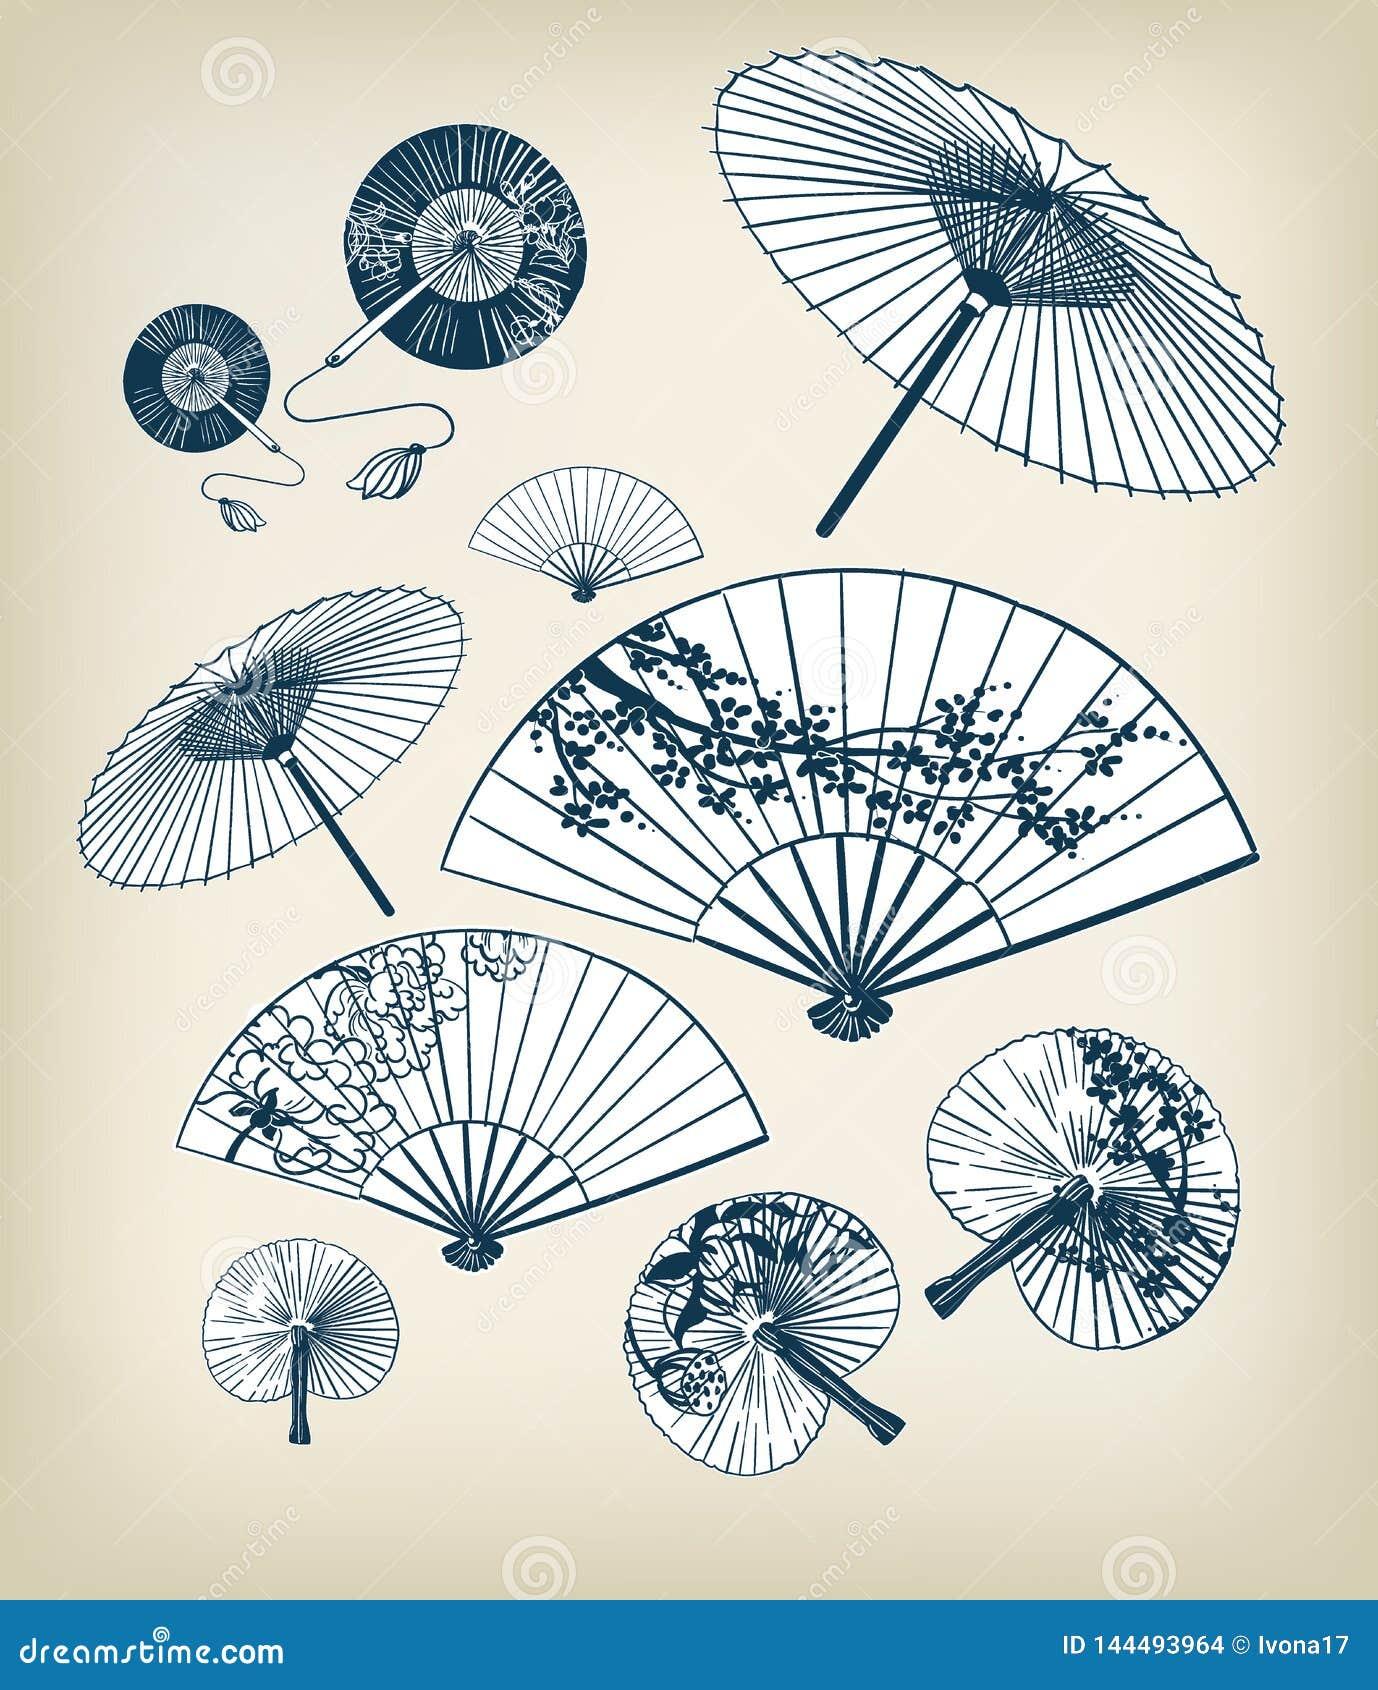 Японская традиционная иллюстрация вектора установила зонтики и потехи конструируют элементы